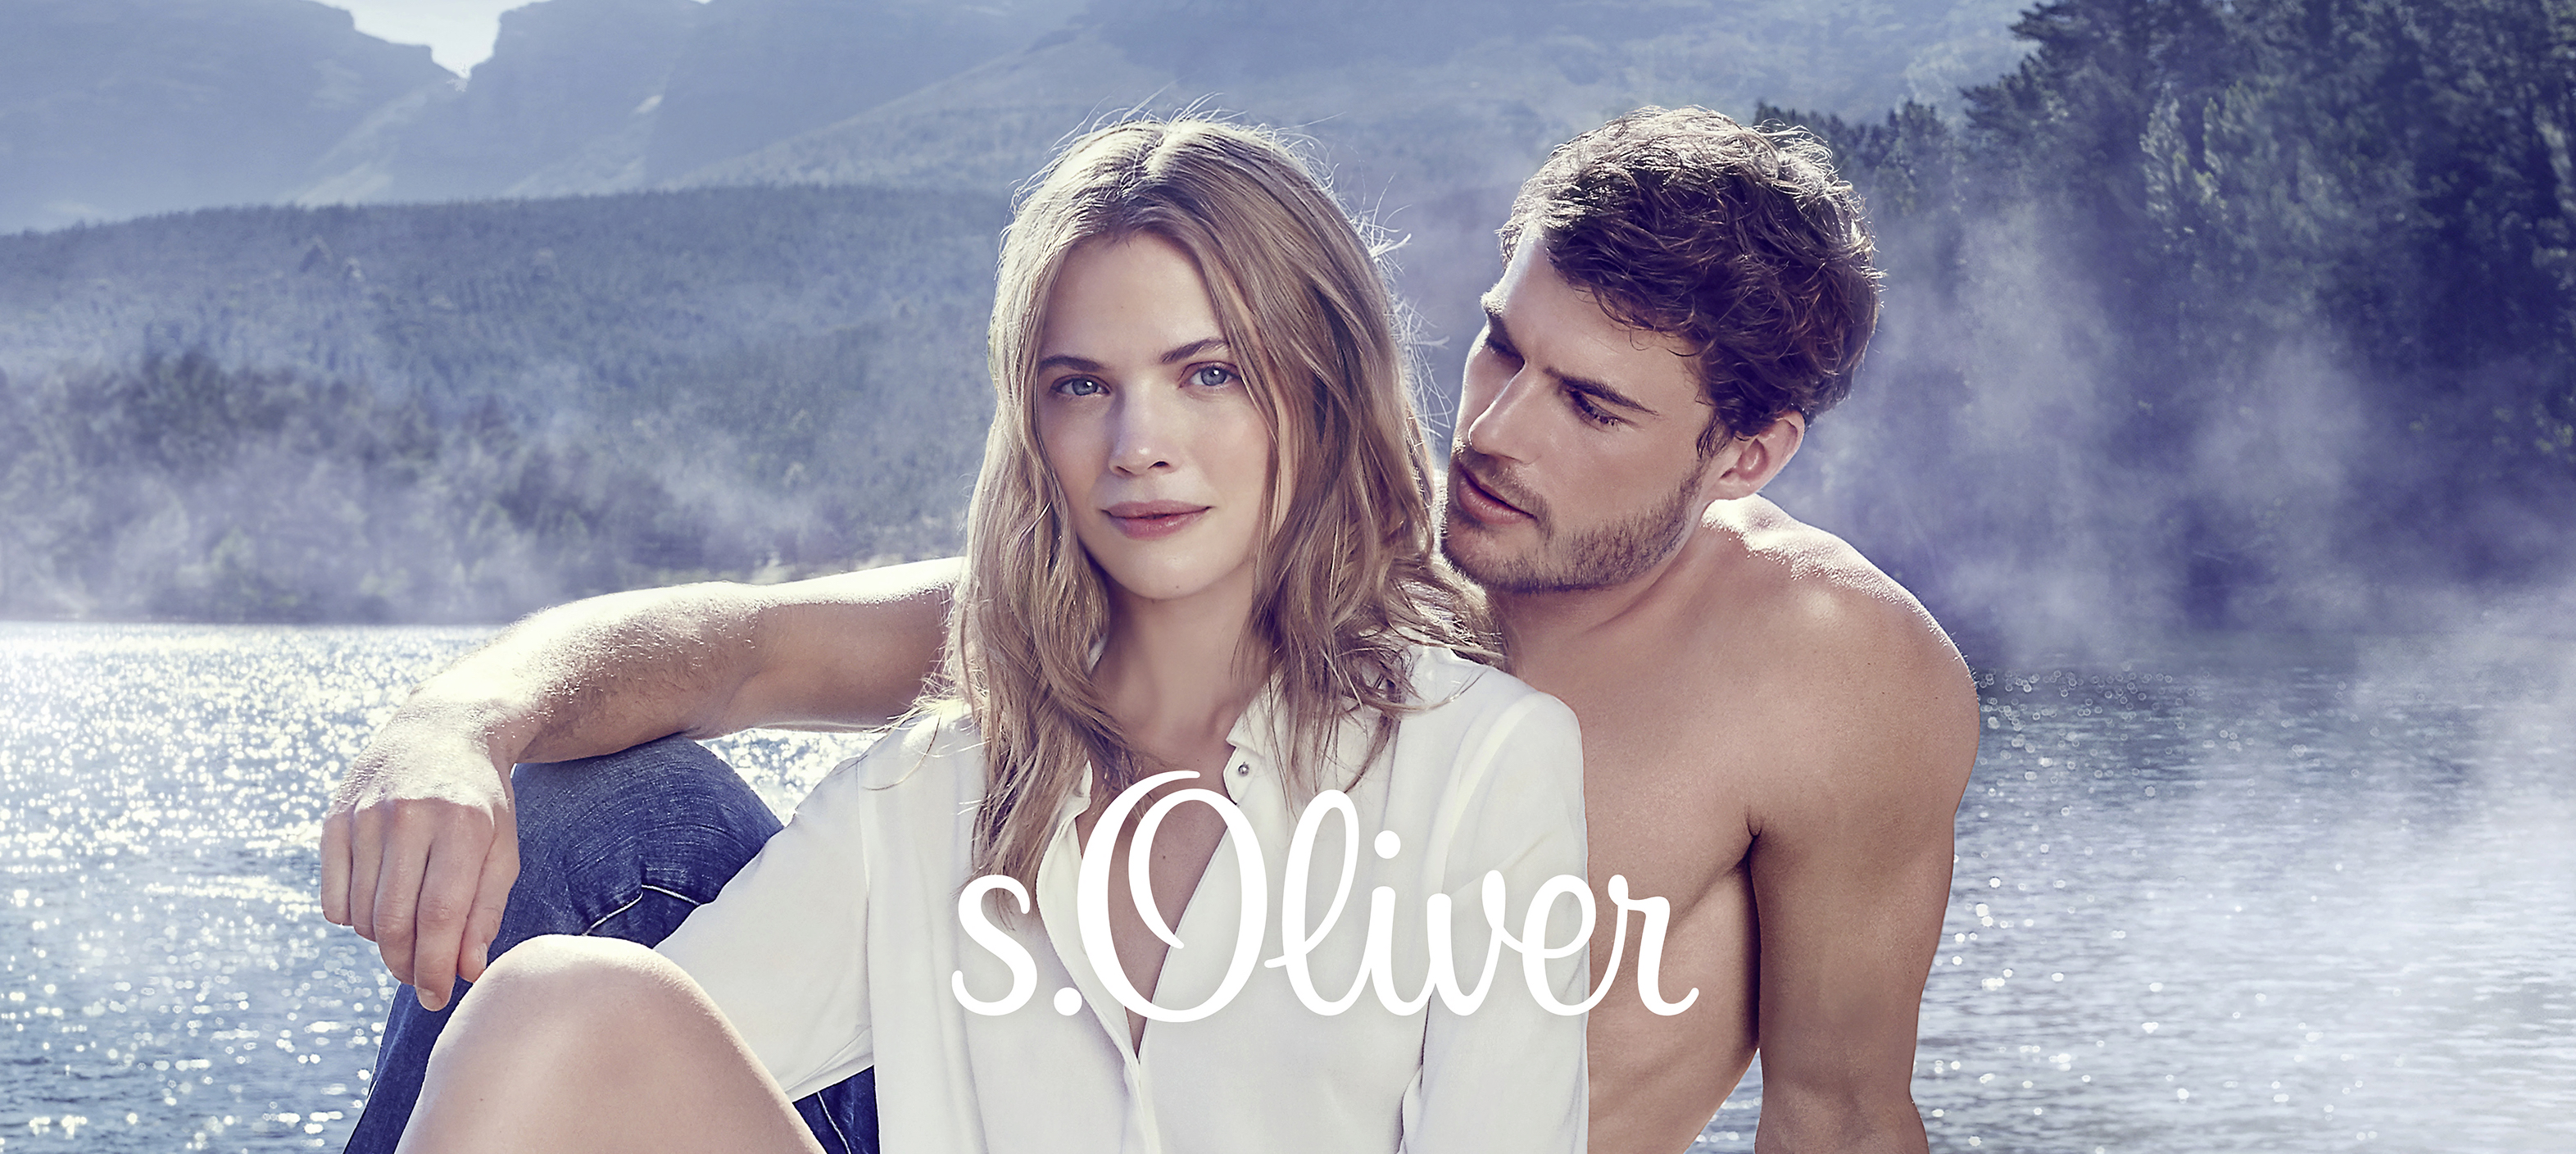 """Gyengéd, makulátlan, hiteles, egyszóval """"hygge"""" - ilyen az s.Oliver SO PURE illata. A skandináv életérzést közvetítő női és férfi illat 2017. augusztus végétől kapható a kereskedelemben. Az s.Oliver SO PURE Women és az s.Oliver SO PURE Men kellemesen körülhízelgő illata tökéletes útitárs a mindennapokban. Könnyedséget sugároz, és a lényegre összpontosít: hogy jól érezzük magunk a bőrünkben, és hogy élvezzük a színtiszta életet. Lenyűgöző az s.Oliver SO PURE illat- és látványvilágának skandináv stílusa.<br /> <br />Pure Life – Pure You<br />No filter, no make-up - szűrő nélkül, kendőzetlenül. A """"többet adunk a látszatra, mint a lényegre"""" már a múlté. Mert vágyunk a hamisítatlanra, a természetesre, hitelesre. A valódi barátokra és a megjátszatlan boldogságra. Mert a kevesebb gyakran több! Az s.Oliver SO PURE új illatai segítenek kihangsúlyozni a saját személyiségünket. Teljesen a hygge életérzés jegyében, hiszen a lényegesre való ráeszmélés, a meghitt biztonságra és a kedélyes társaságra való igény része a személyes boldogságnak."""